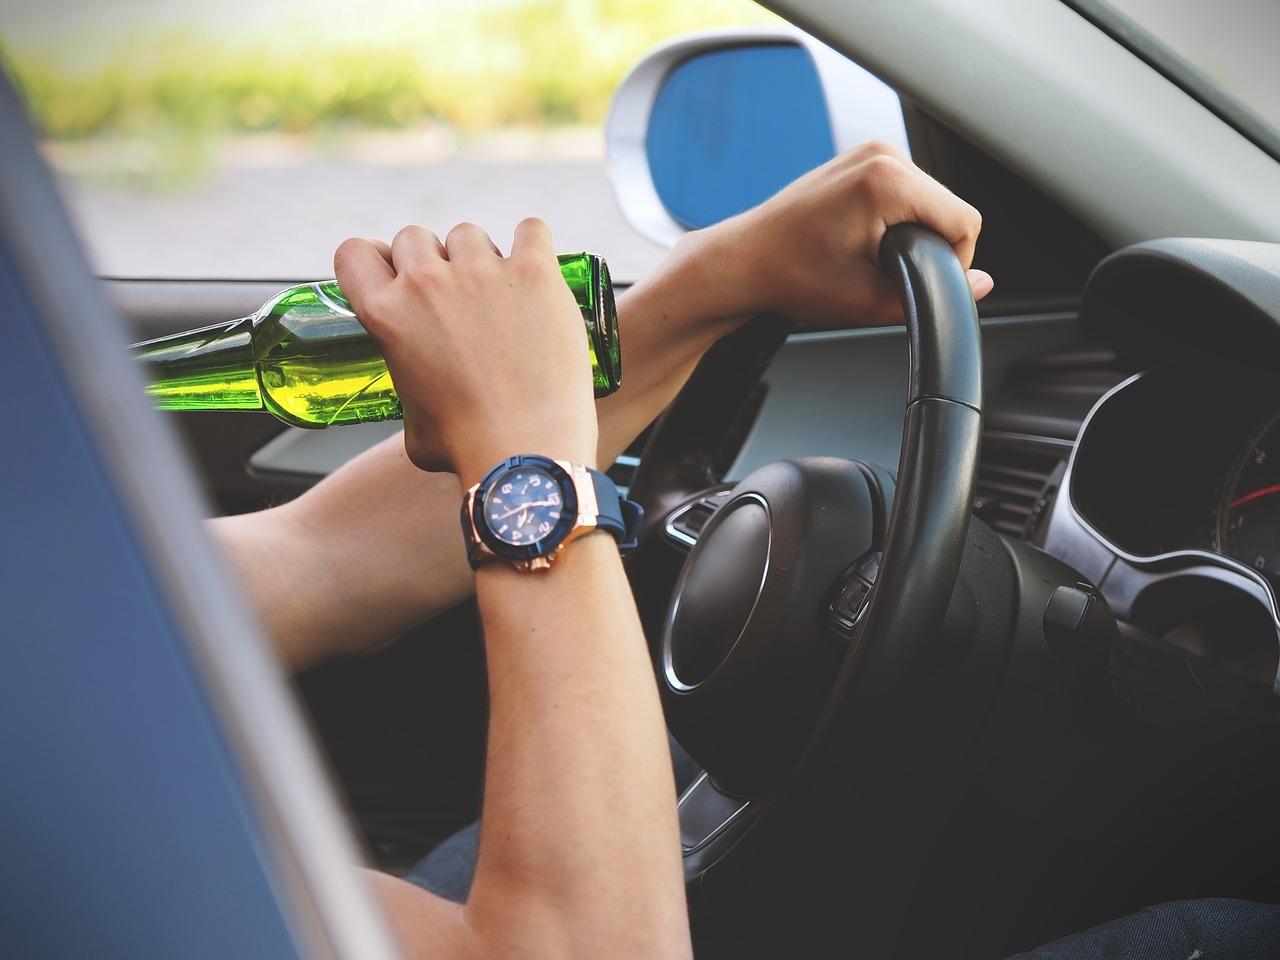 A maioria dos acidentes ocorre por erros humanos, como embriaguez, uso do celular ao volante, excesso de velocidade etc.